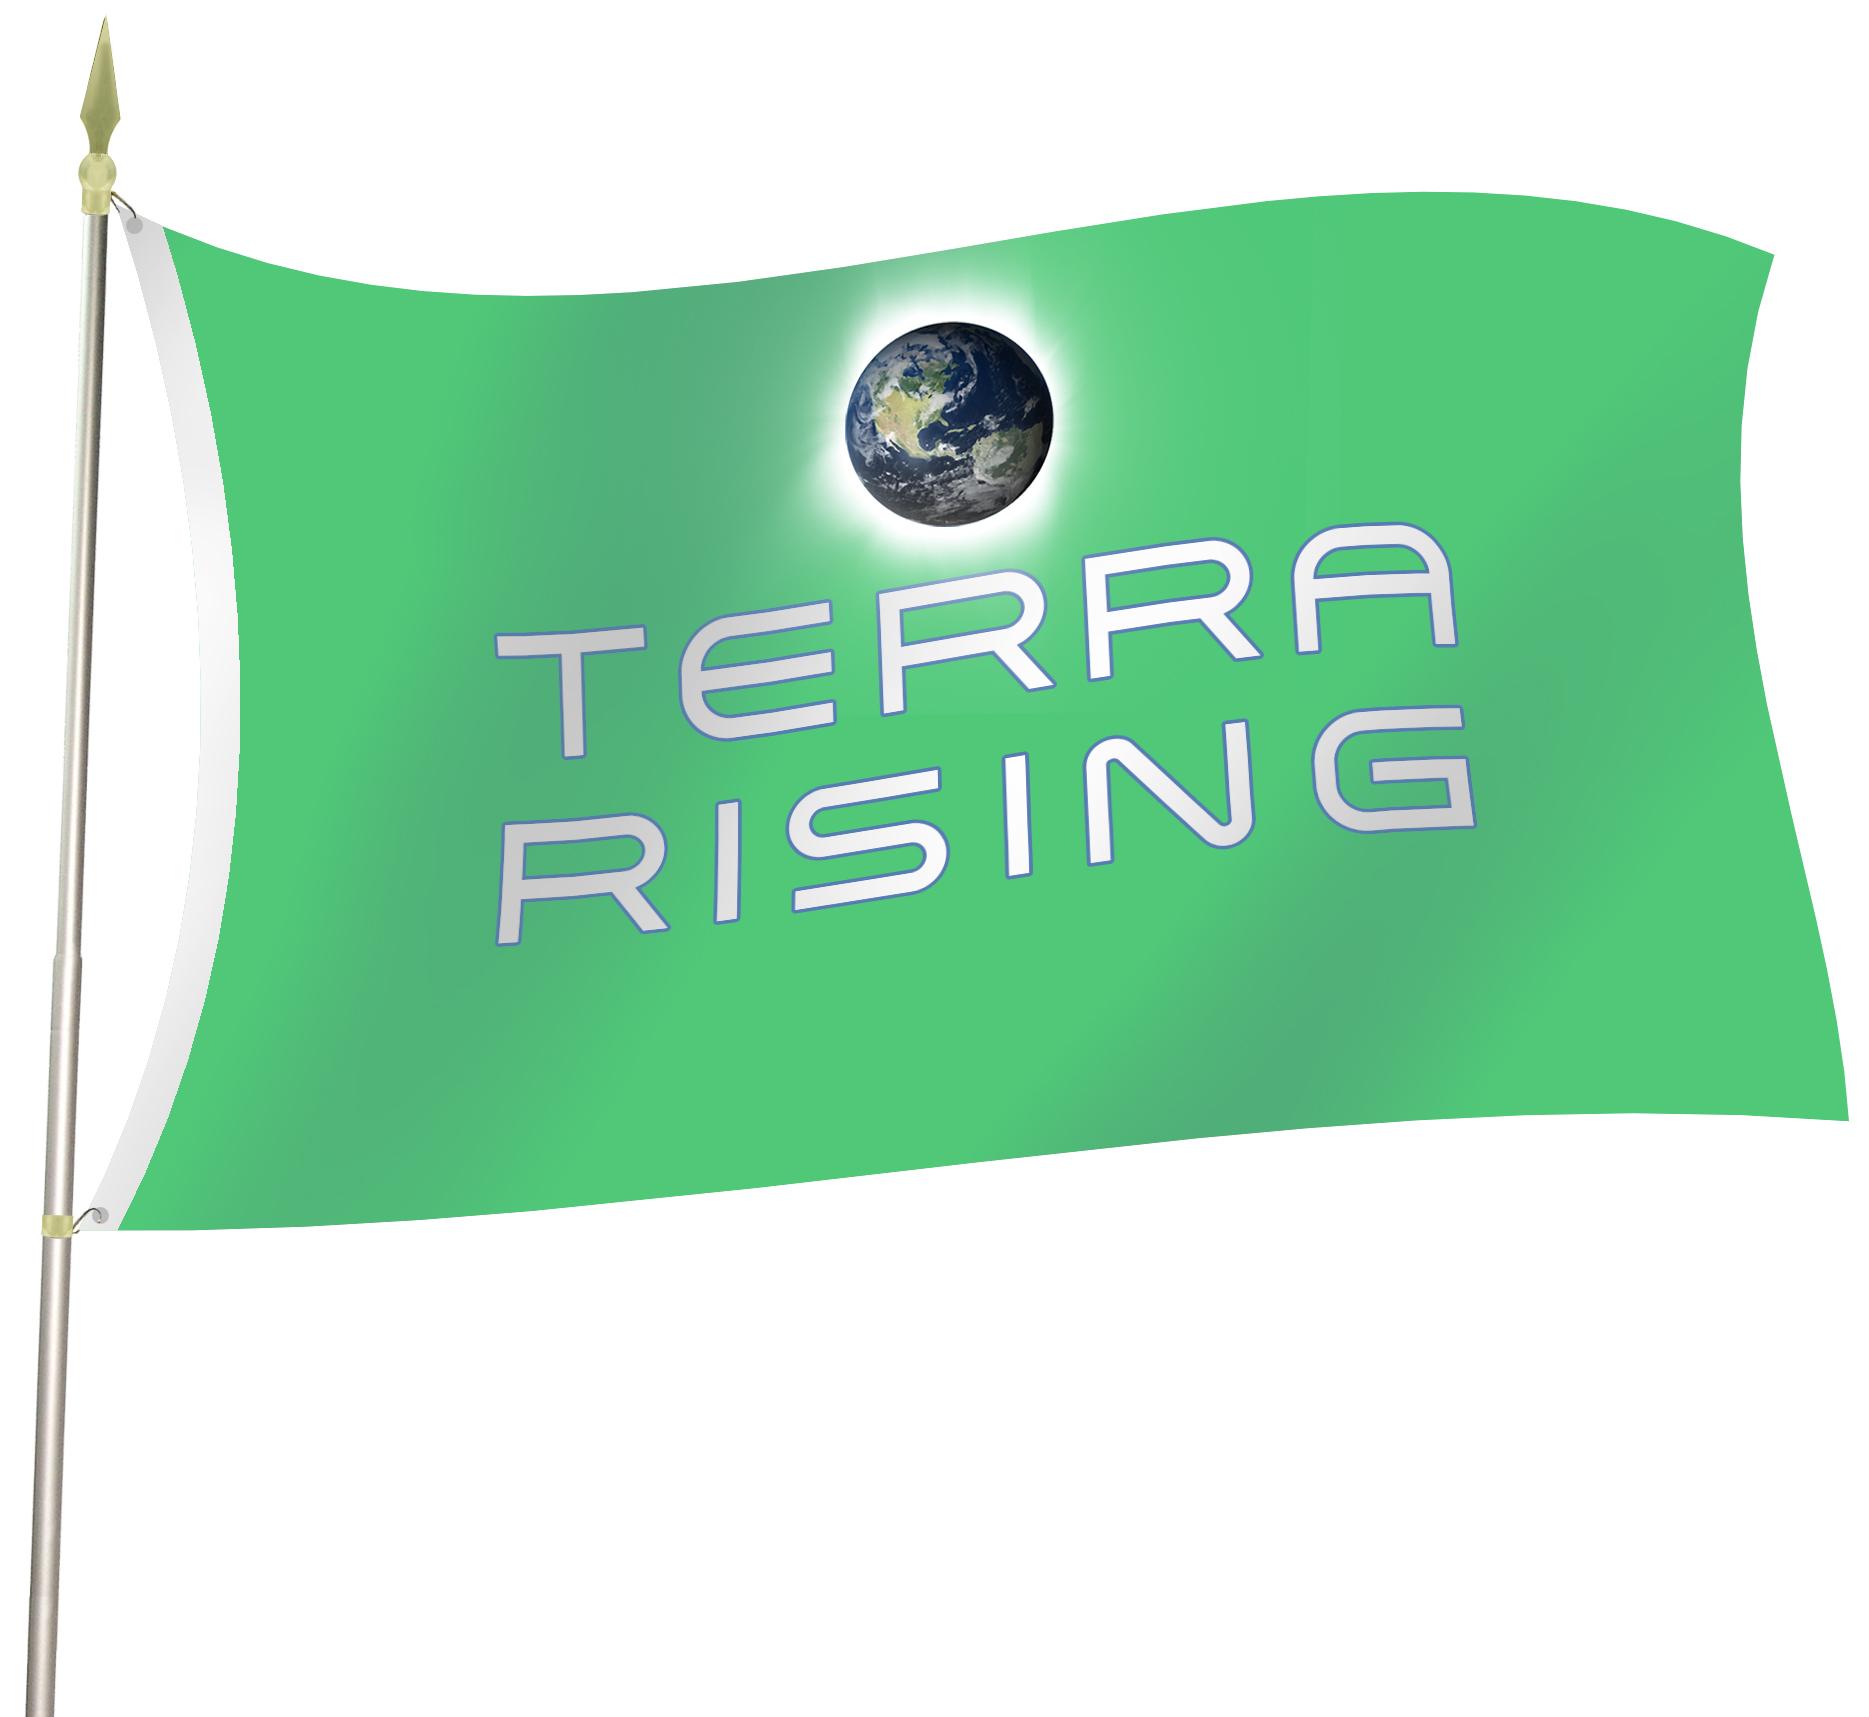 terra rising.jpg